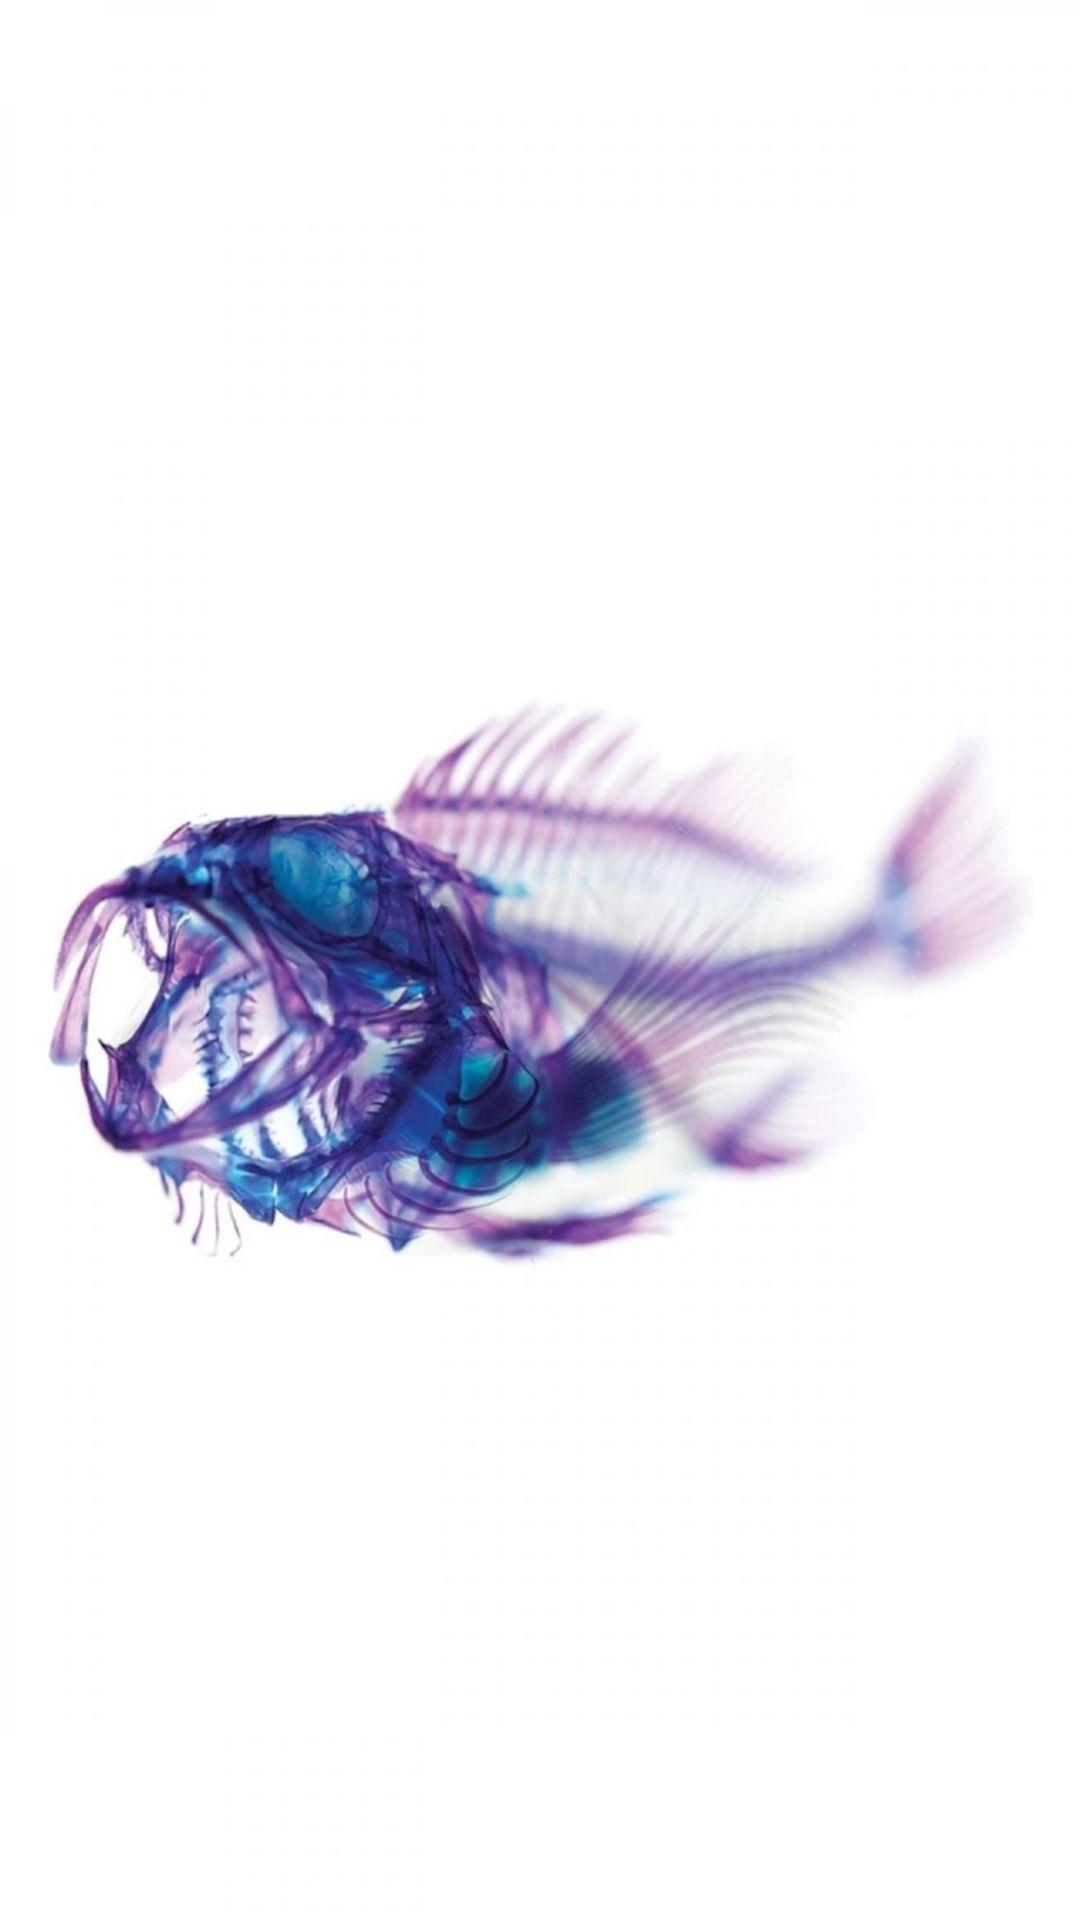 Fish Clean s7 wallpaper